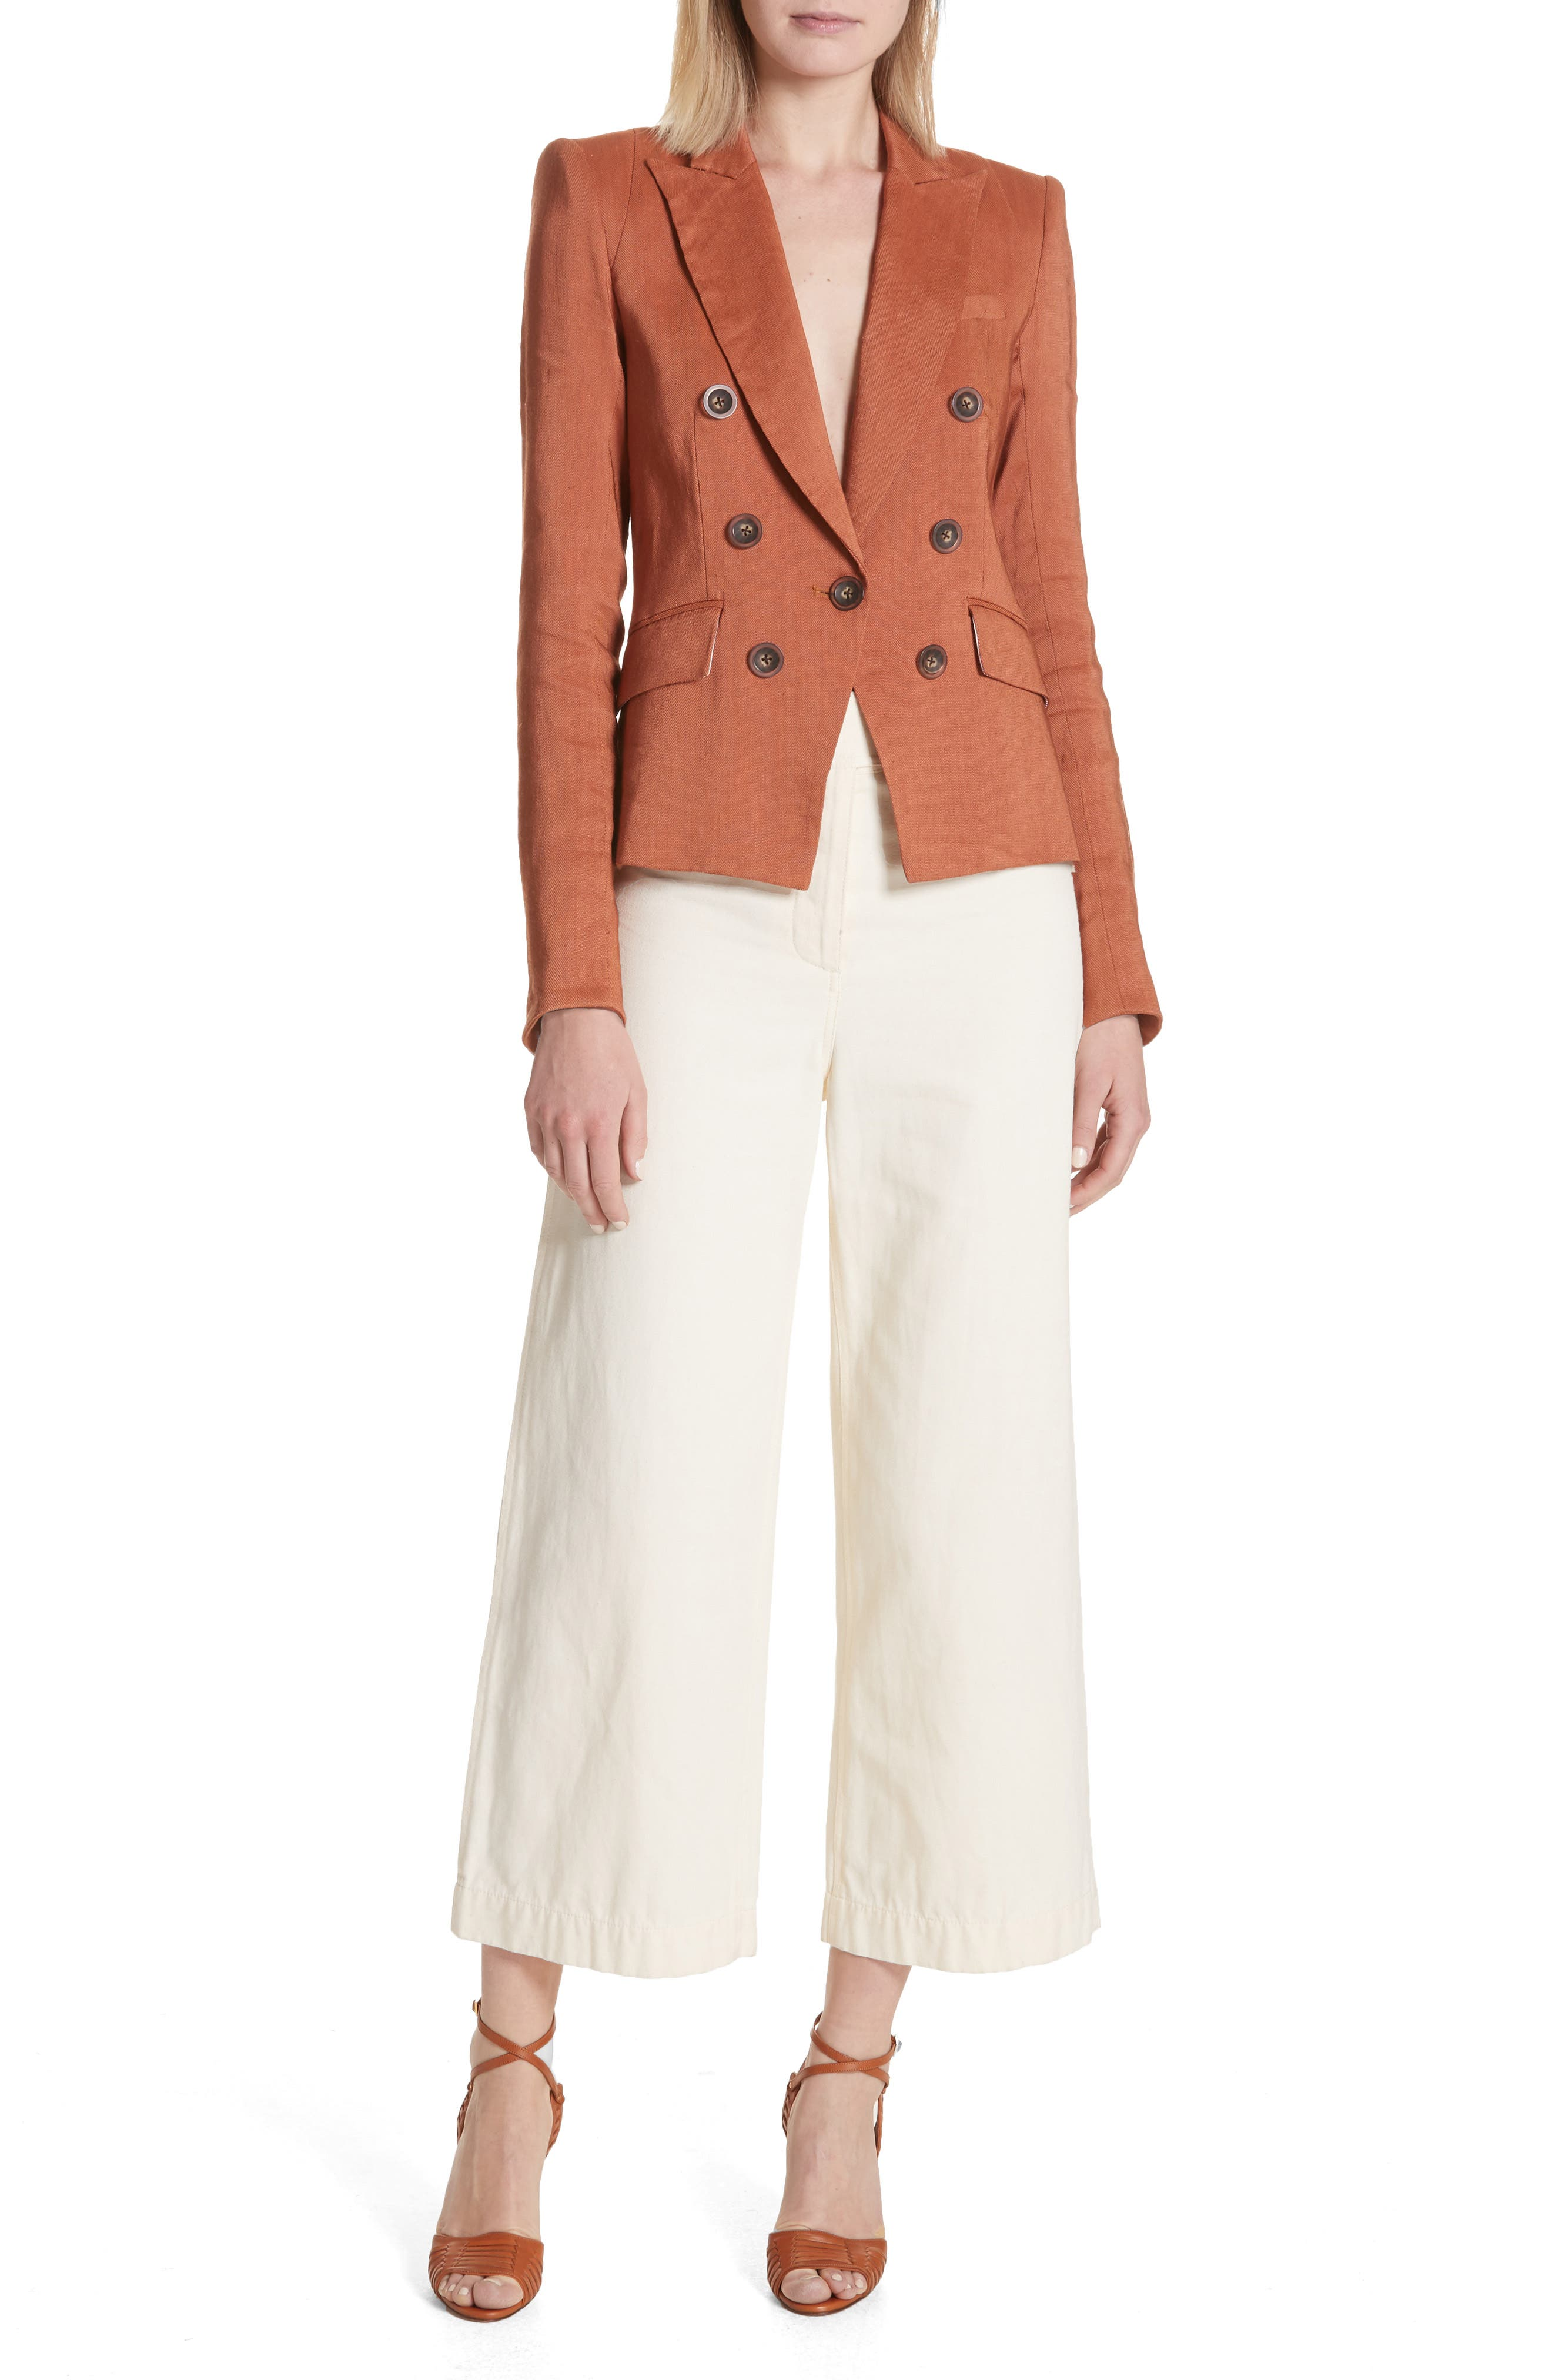 Caymen Cotton Gaucho Pants,                             Alternate thumbnail 8, color,                             Natural